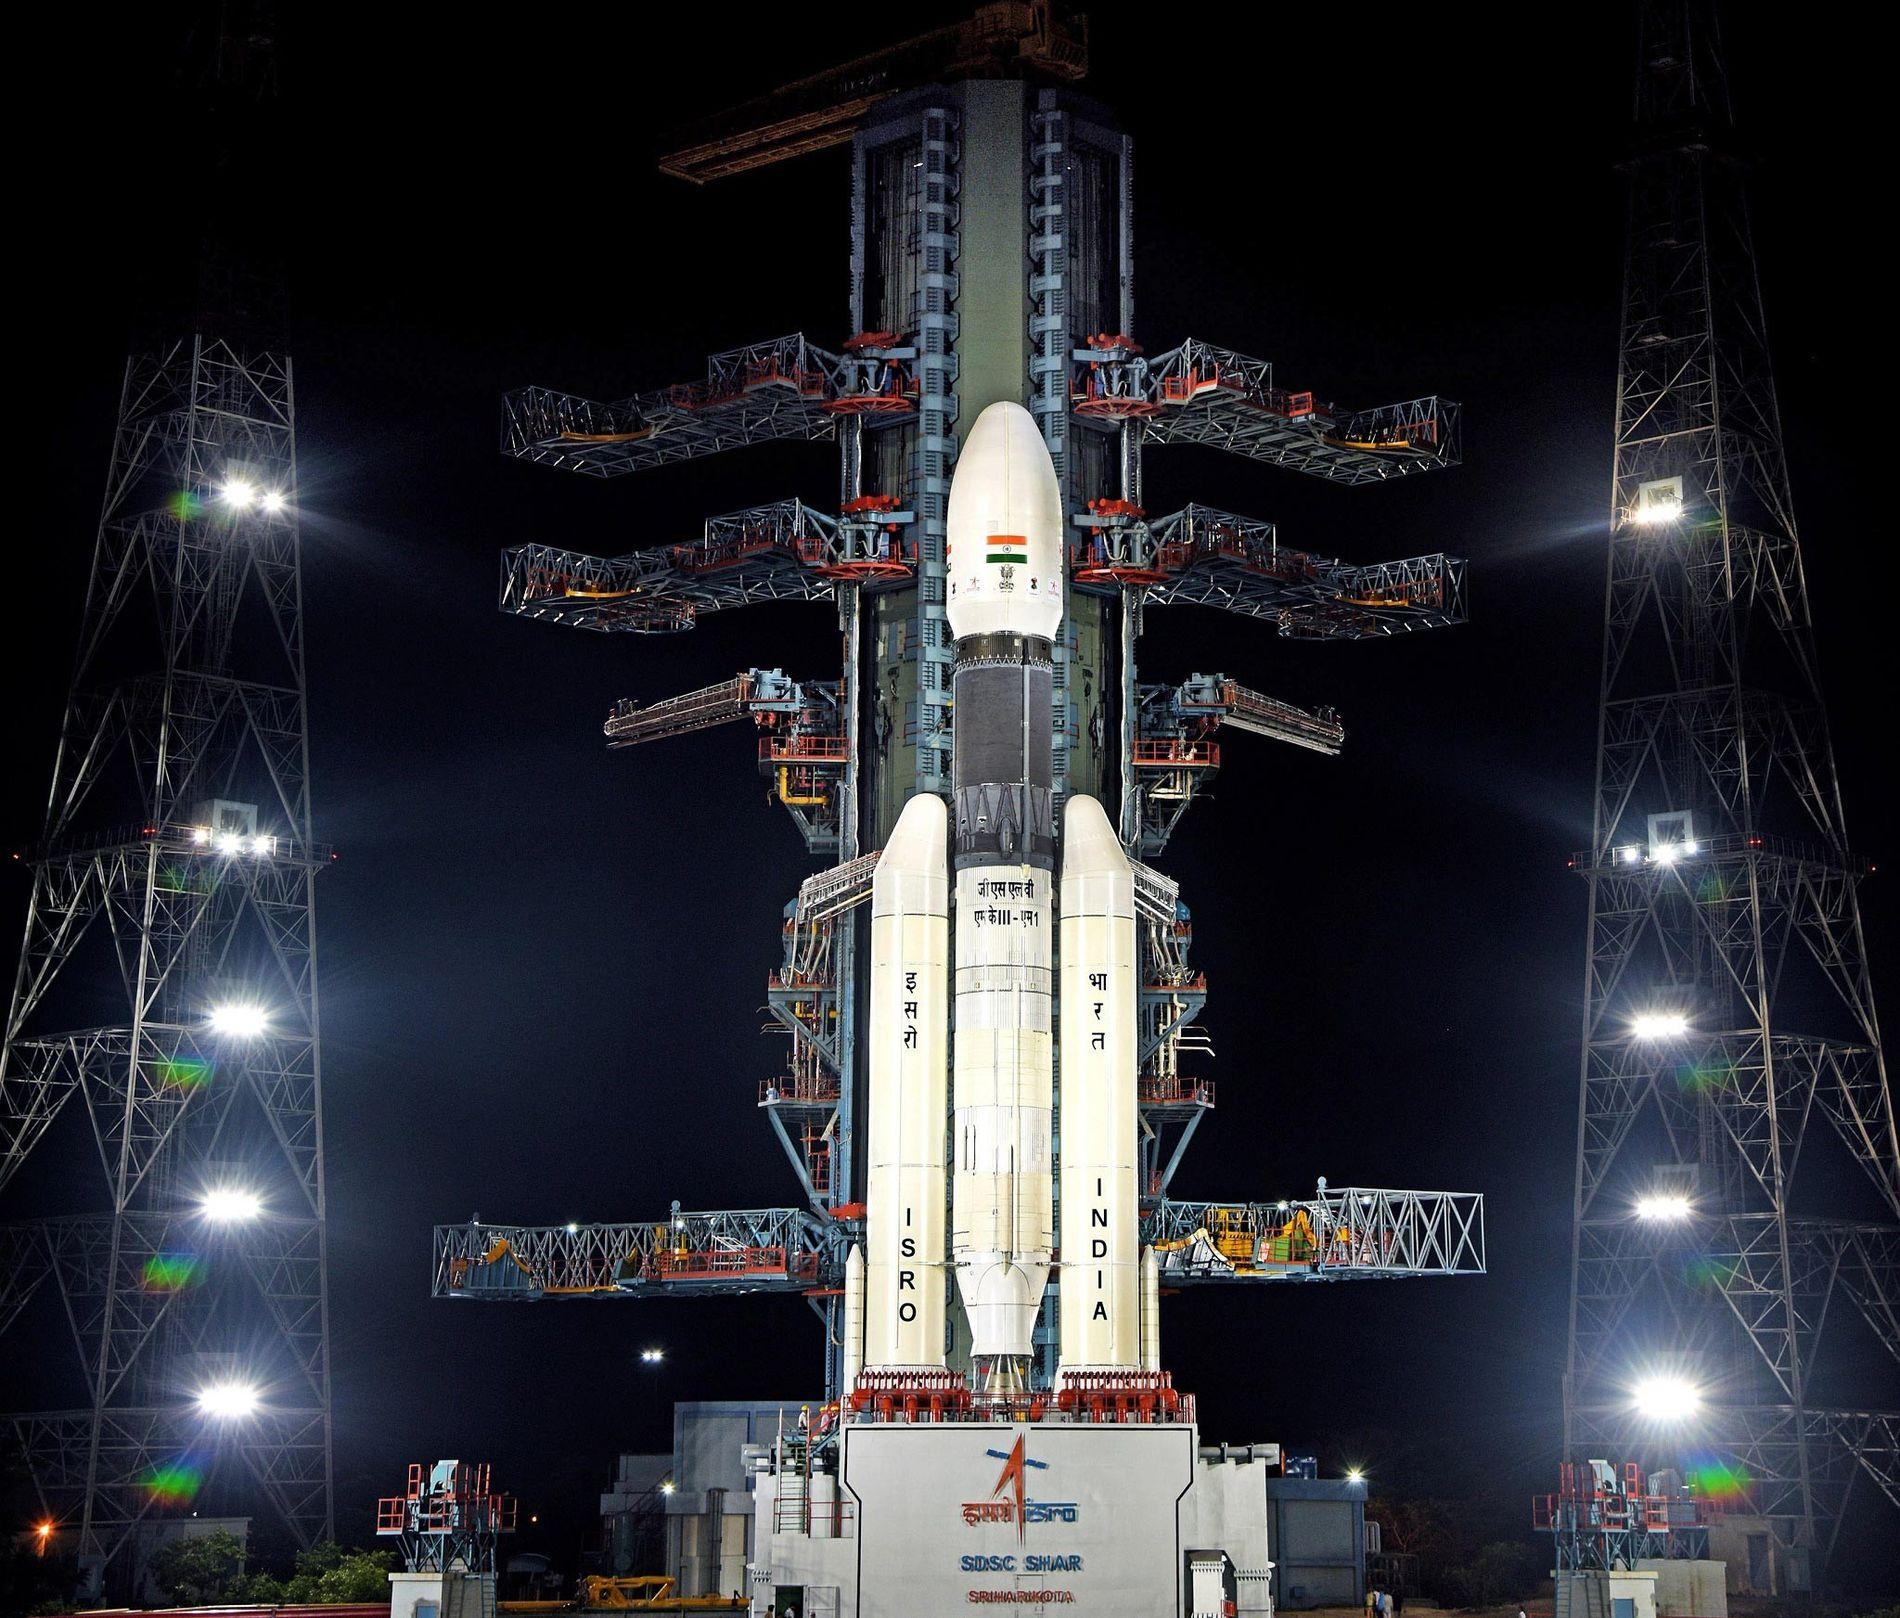 En julio, la misión Chandrayaan-2 de India se lanzó hacia la luna sobre un cohete GSLV MkIII-M1. El 6 de septiembre, la misión de la nave espacial Vikram intentó aterrizar más al sur de lo que ha realizado cualquier otro aterrizaje lunar controlado.